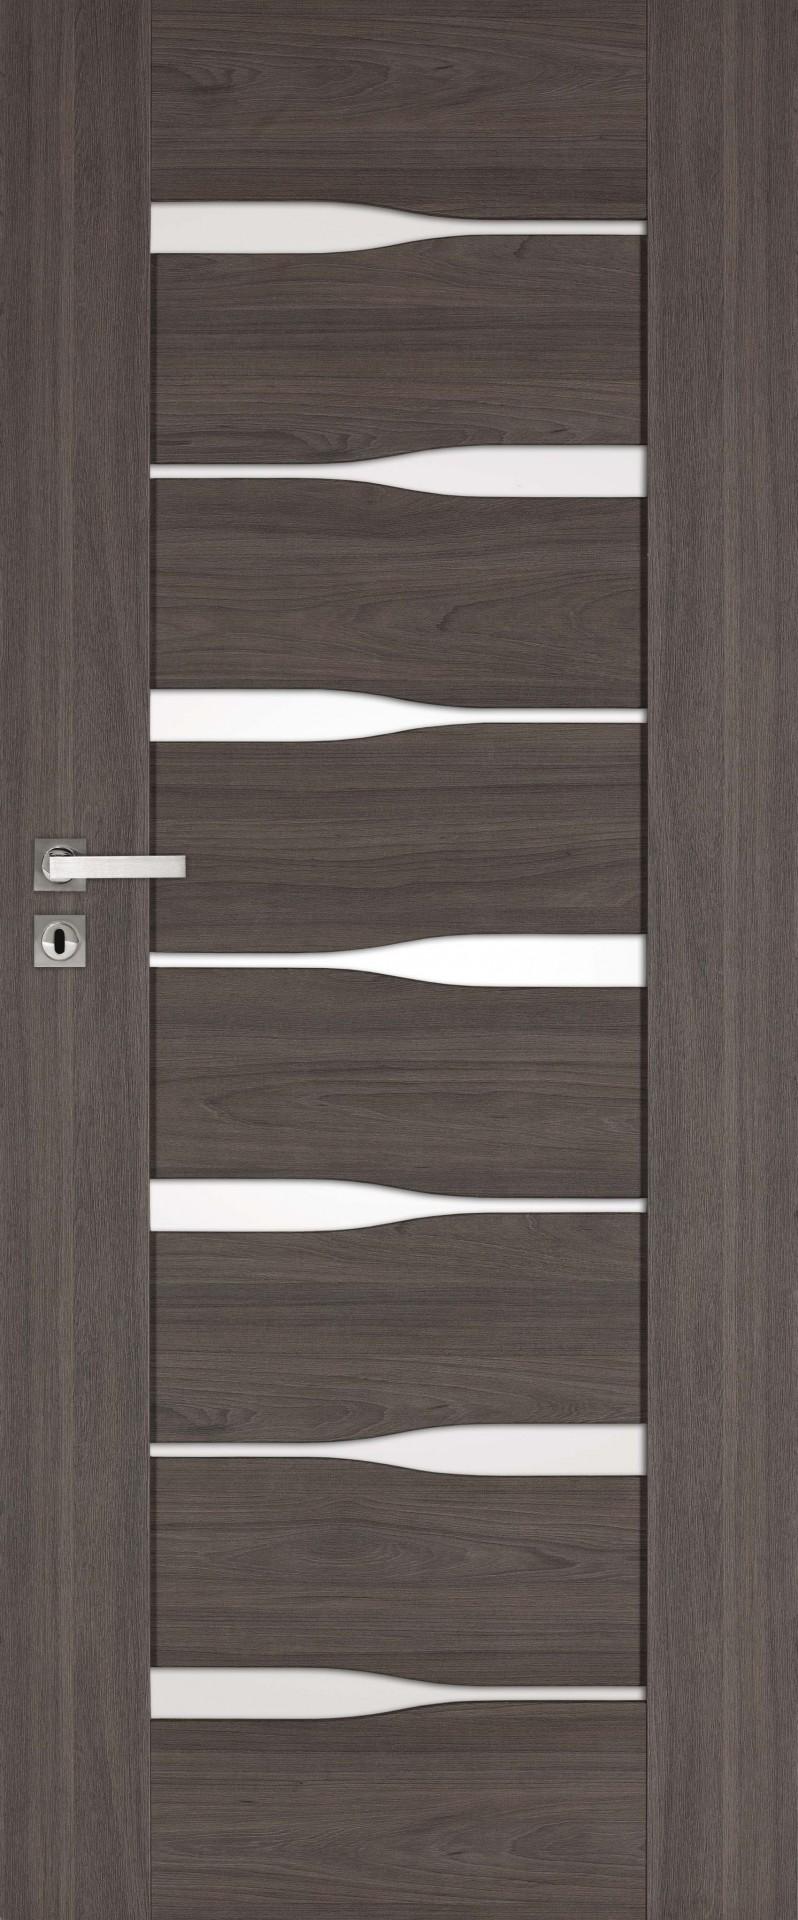 Dre dveře EMENA 5, Šíře v cm 80